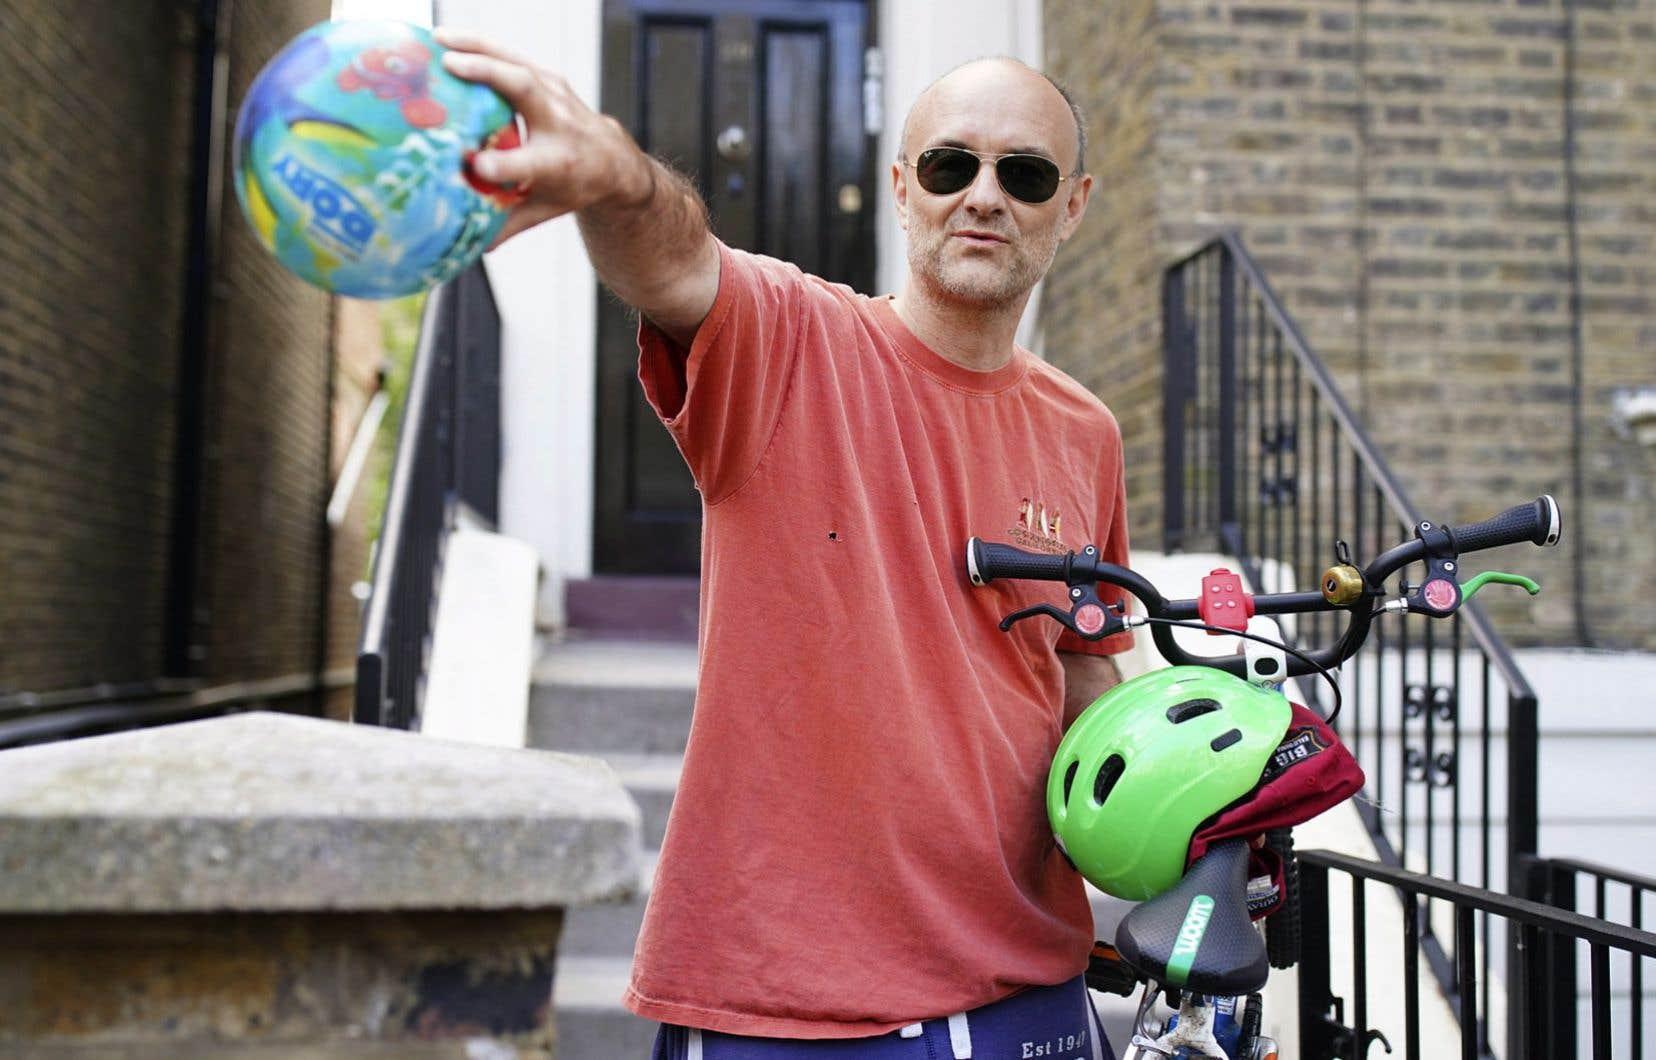 Dominic Cummings, 48ans, avait quitté son domicile londonien pour se rendre chez ses parents septuagénaires à Durham, alors qu'il présentait les symptômes du COVID-19.